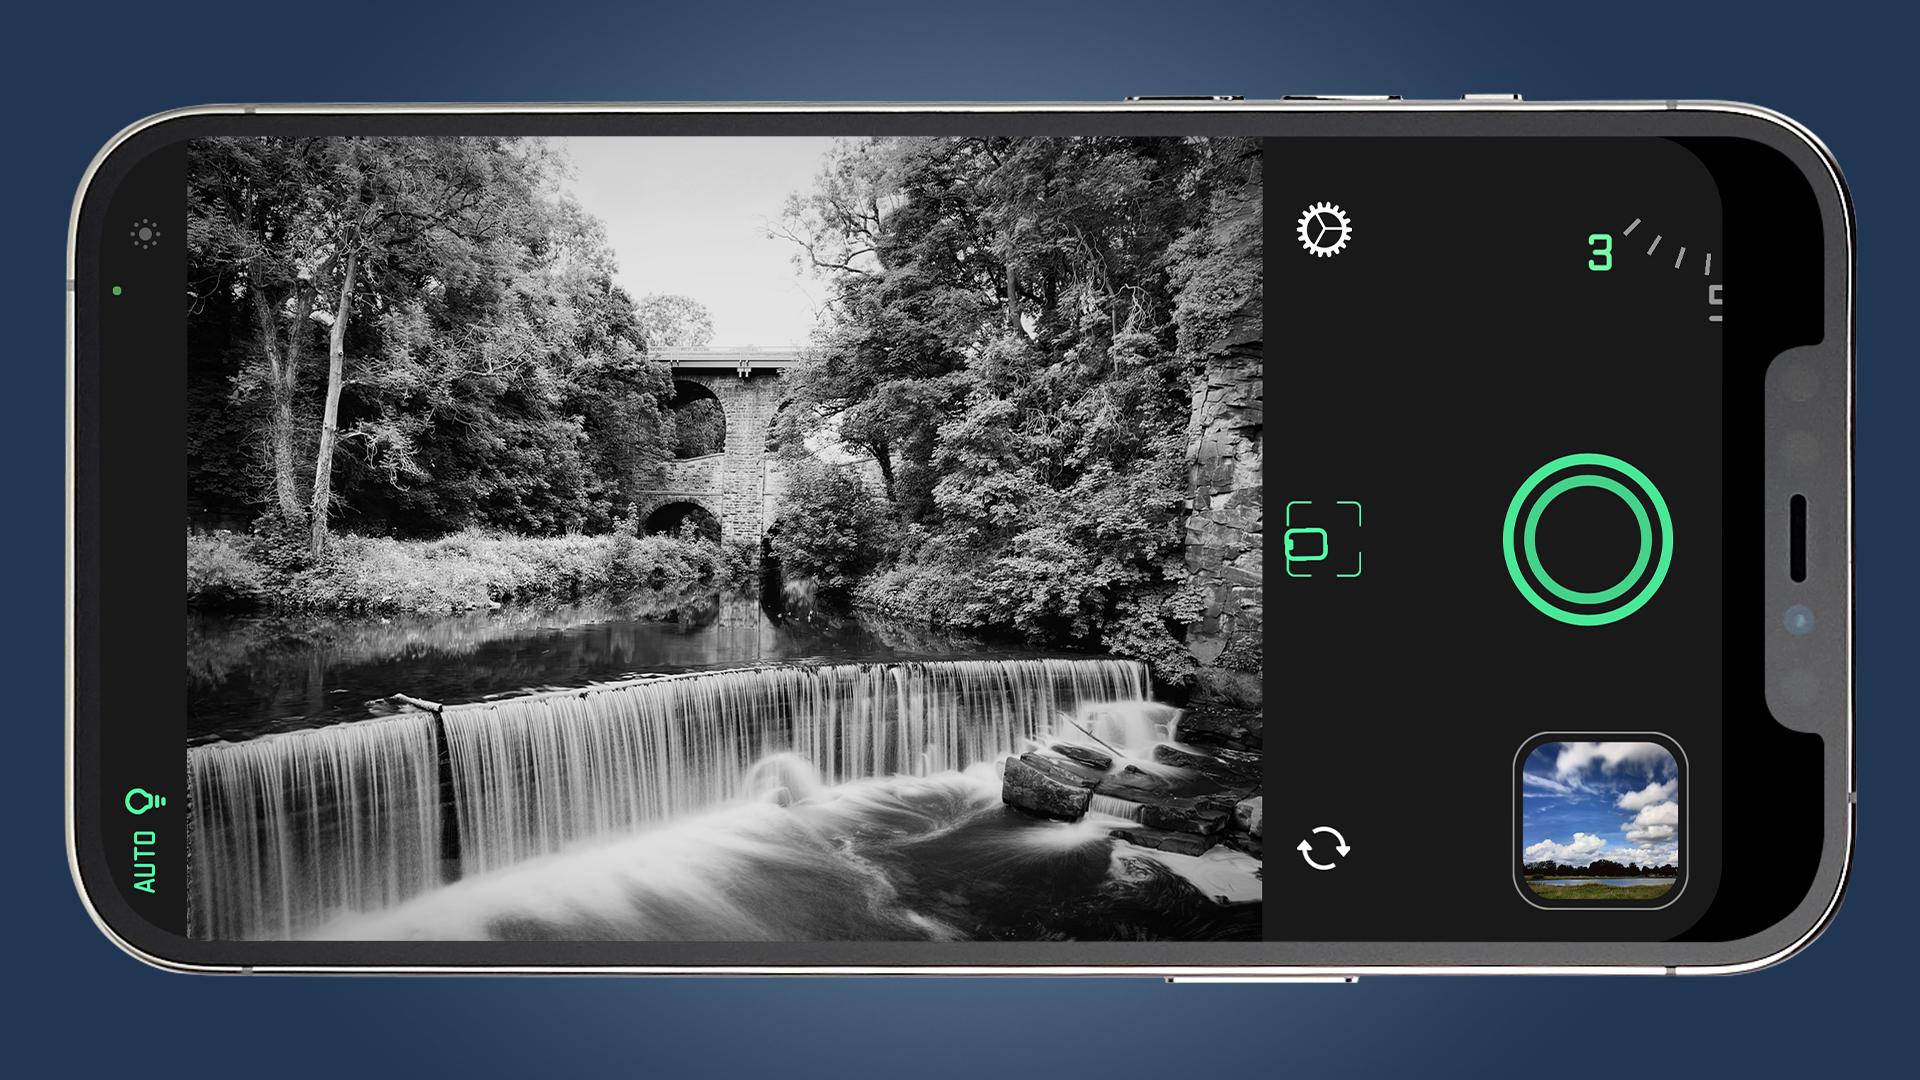 Un iPhone capturando una foto de larga exposición de una cascada